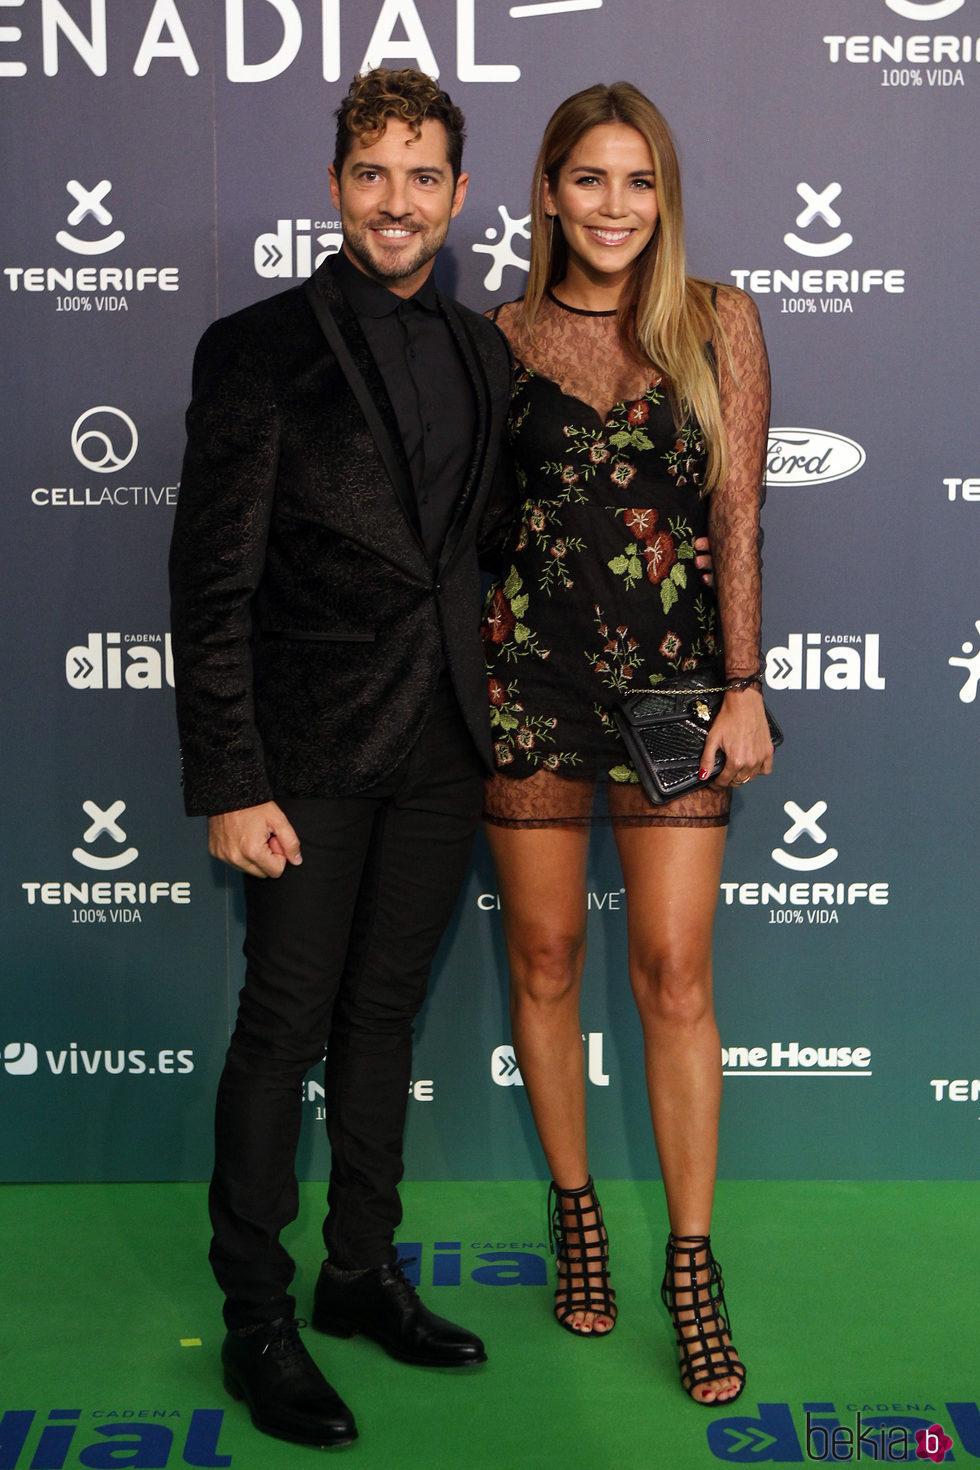 David Bisbal y Rosanna Zanetti en la alfombra roja de los Premios Cadena Dial 2017